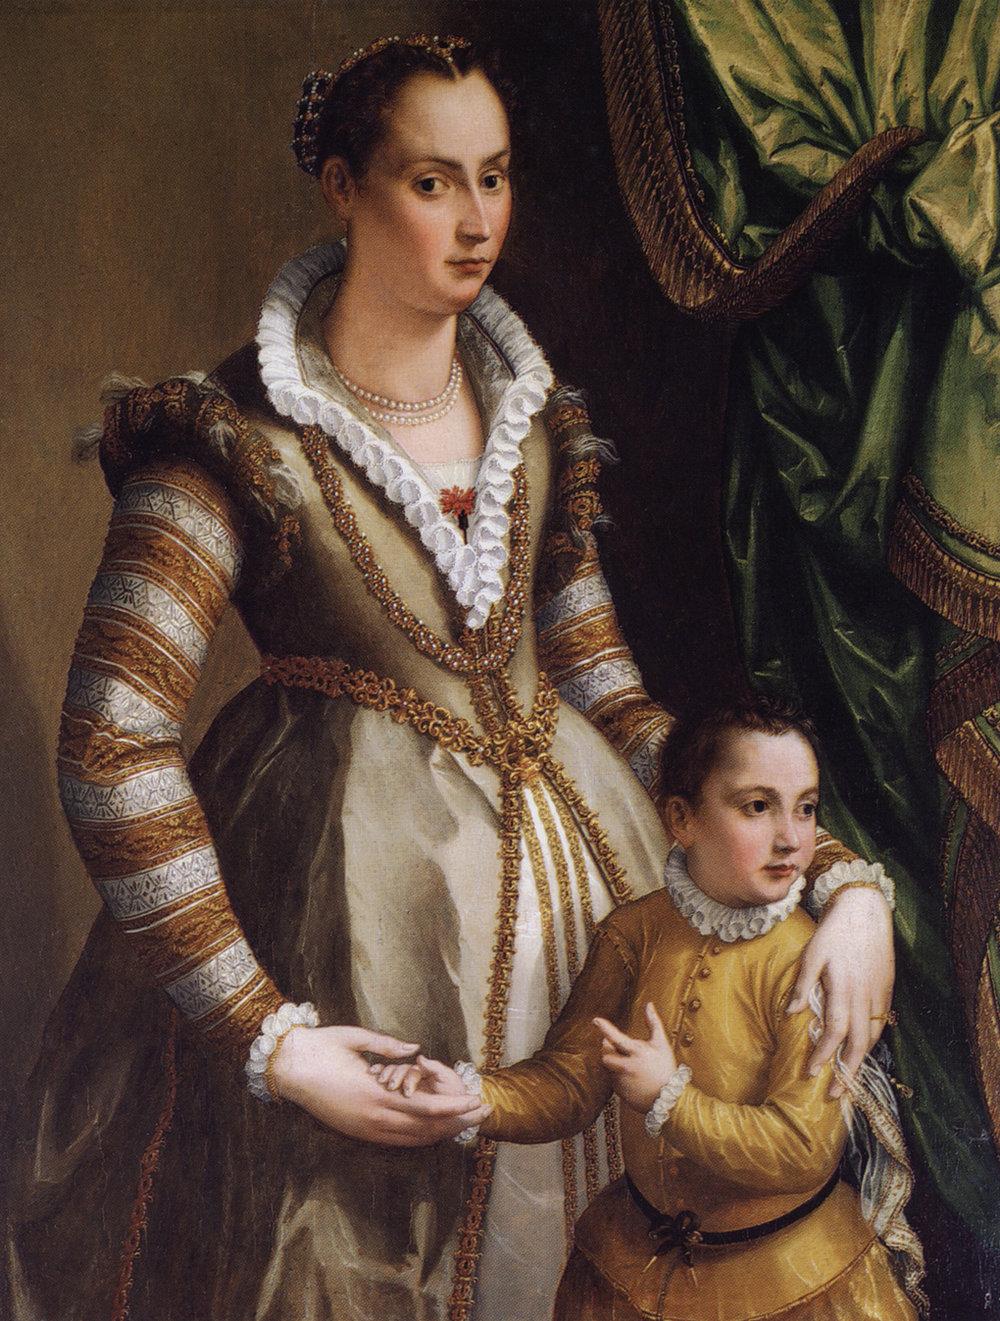 de' Medici with her son, Virginio